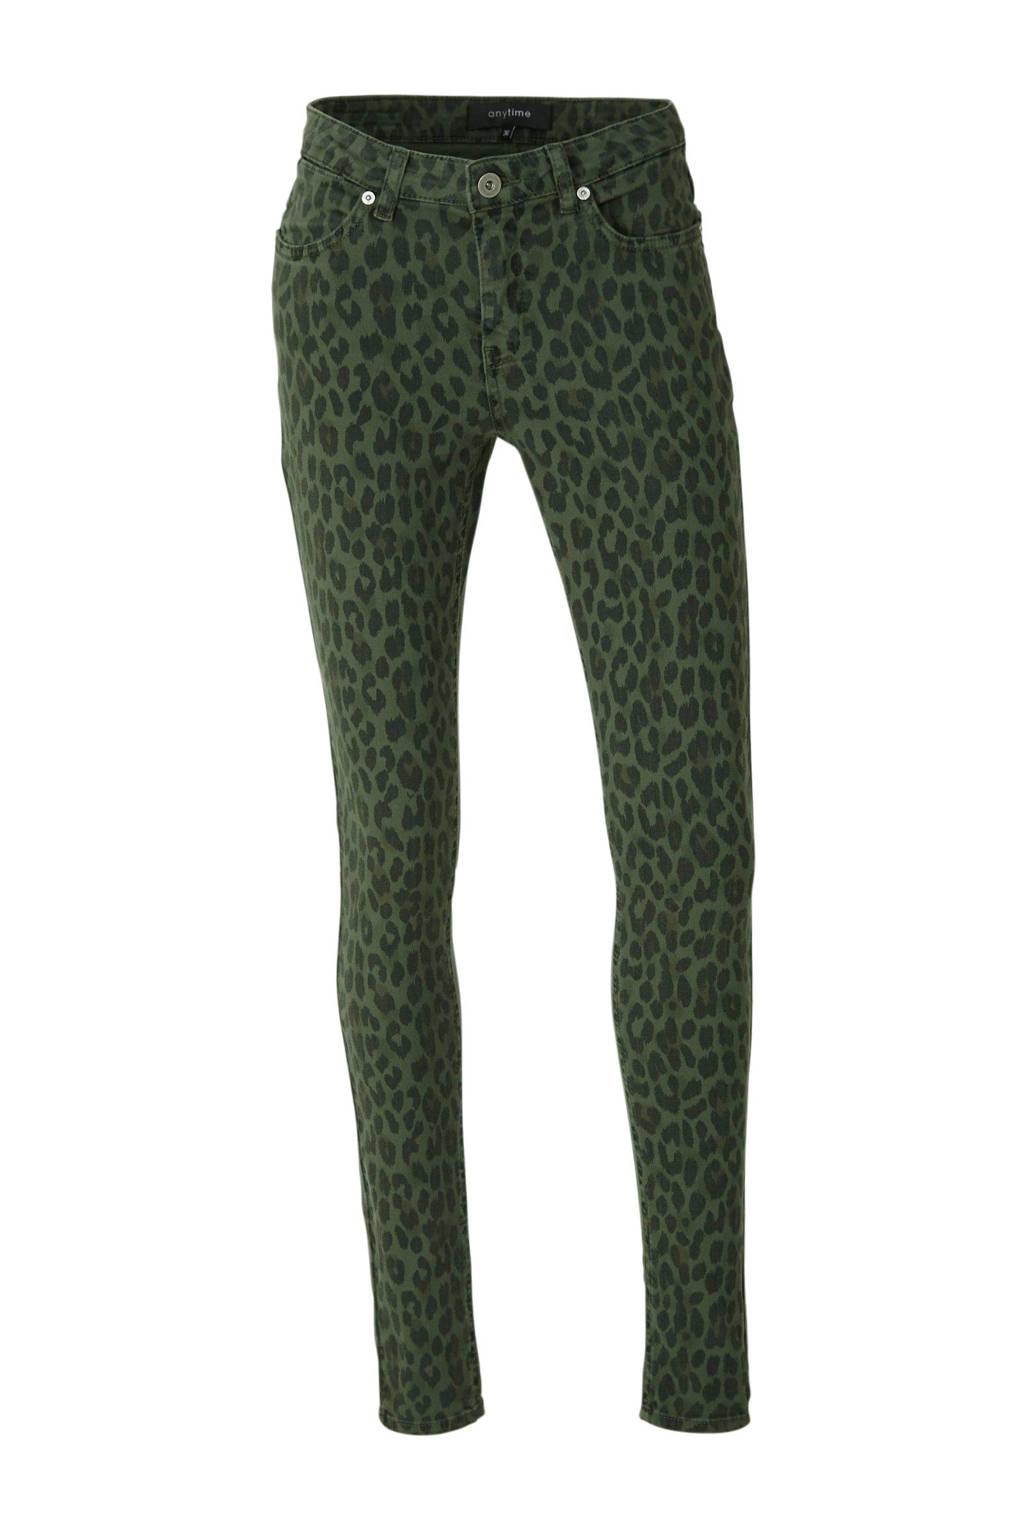 anytime skinny broek met panterprint groen, Donkergroen